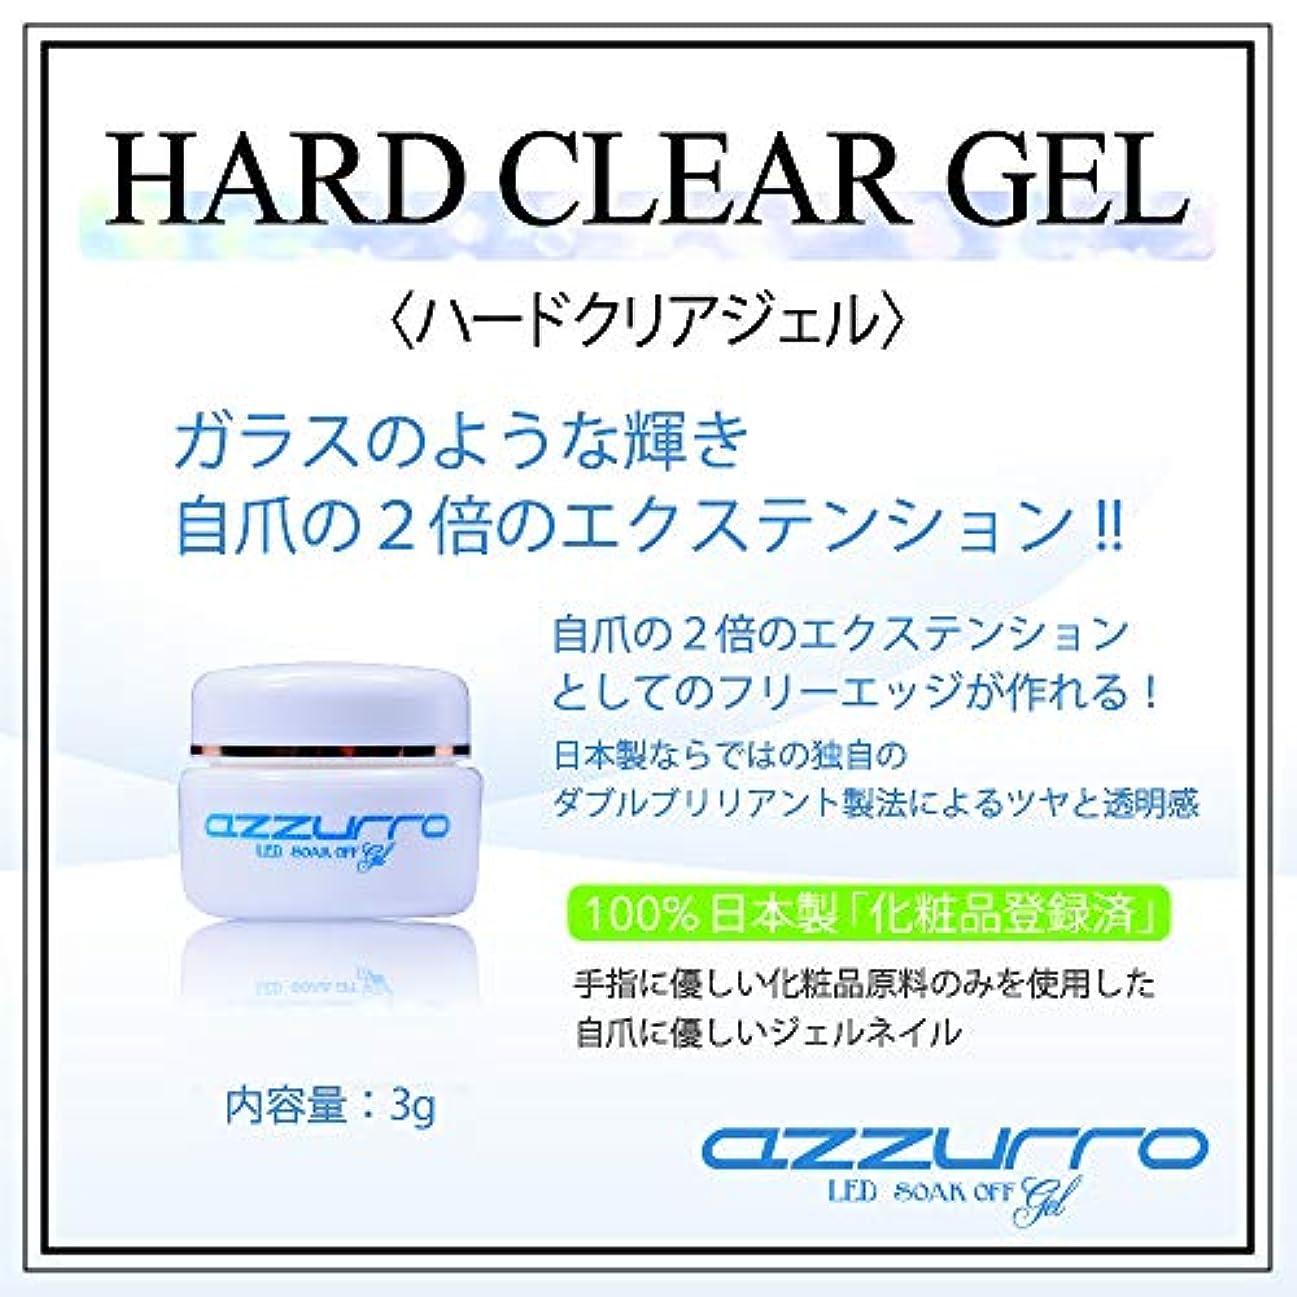 離れた焼く上下するazzurro gel アッズーロハードクリアージェル 3g ツヤツヤ キラキラ感持続 抜群のツヤ